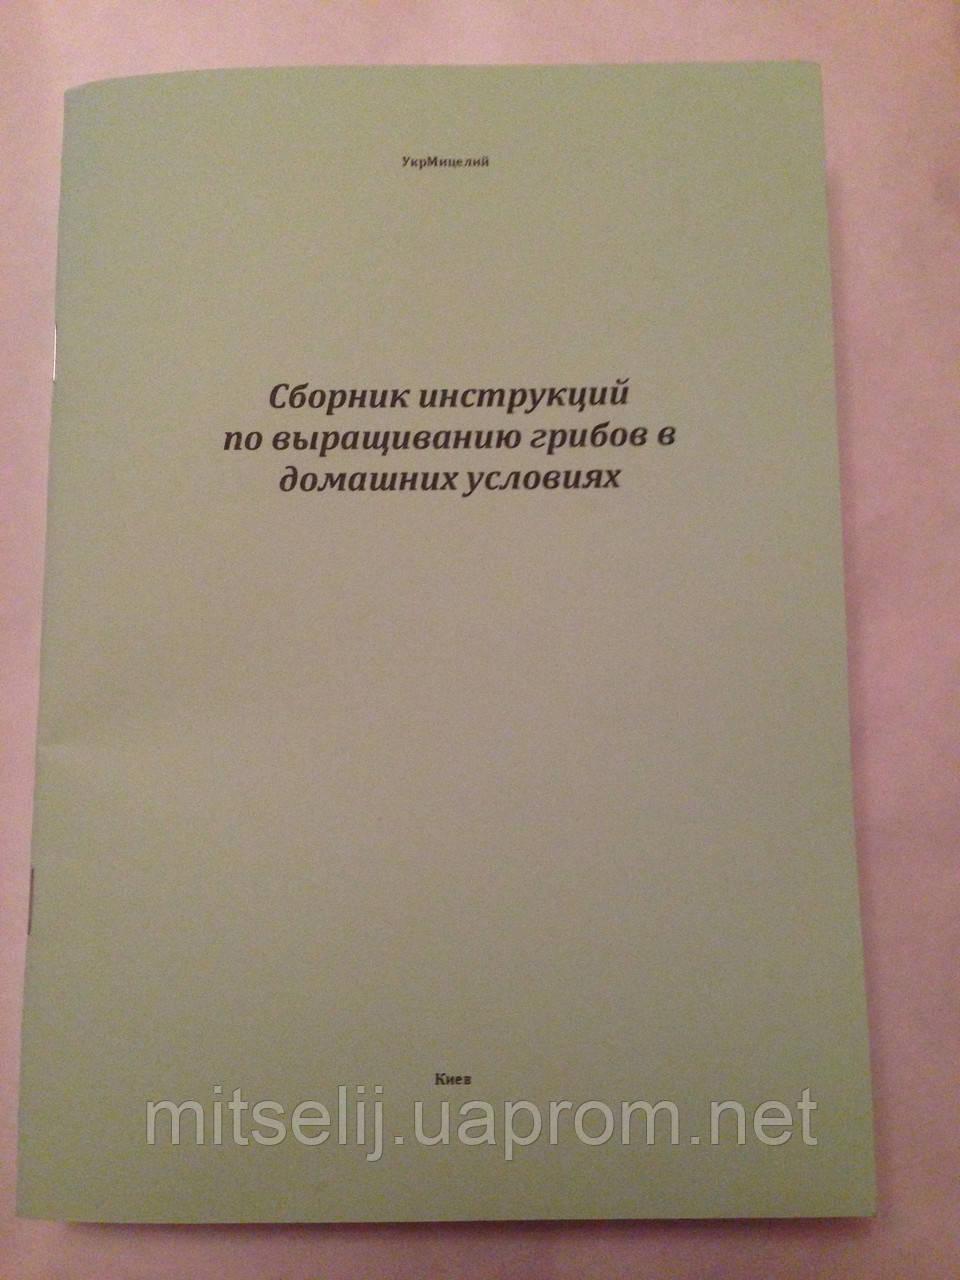 Сборник домашних условиях